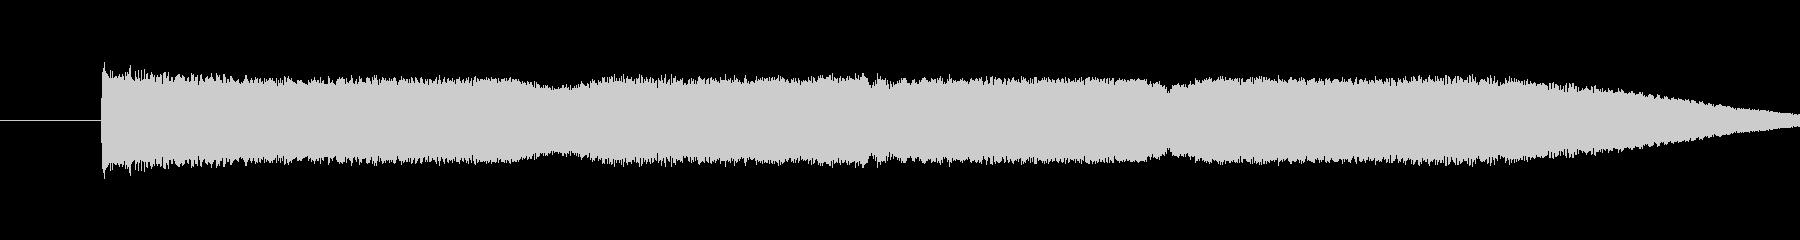 ヨーヨートランジションの未再生の波形